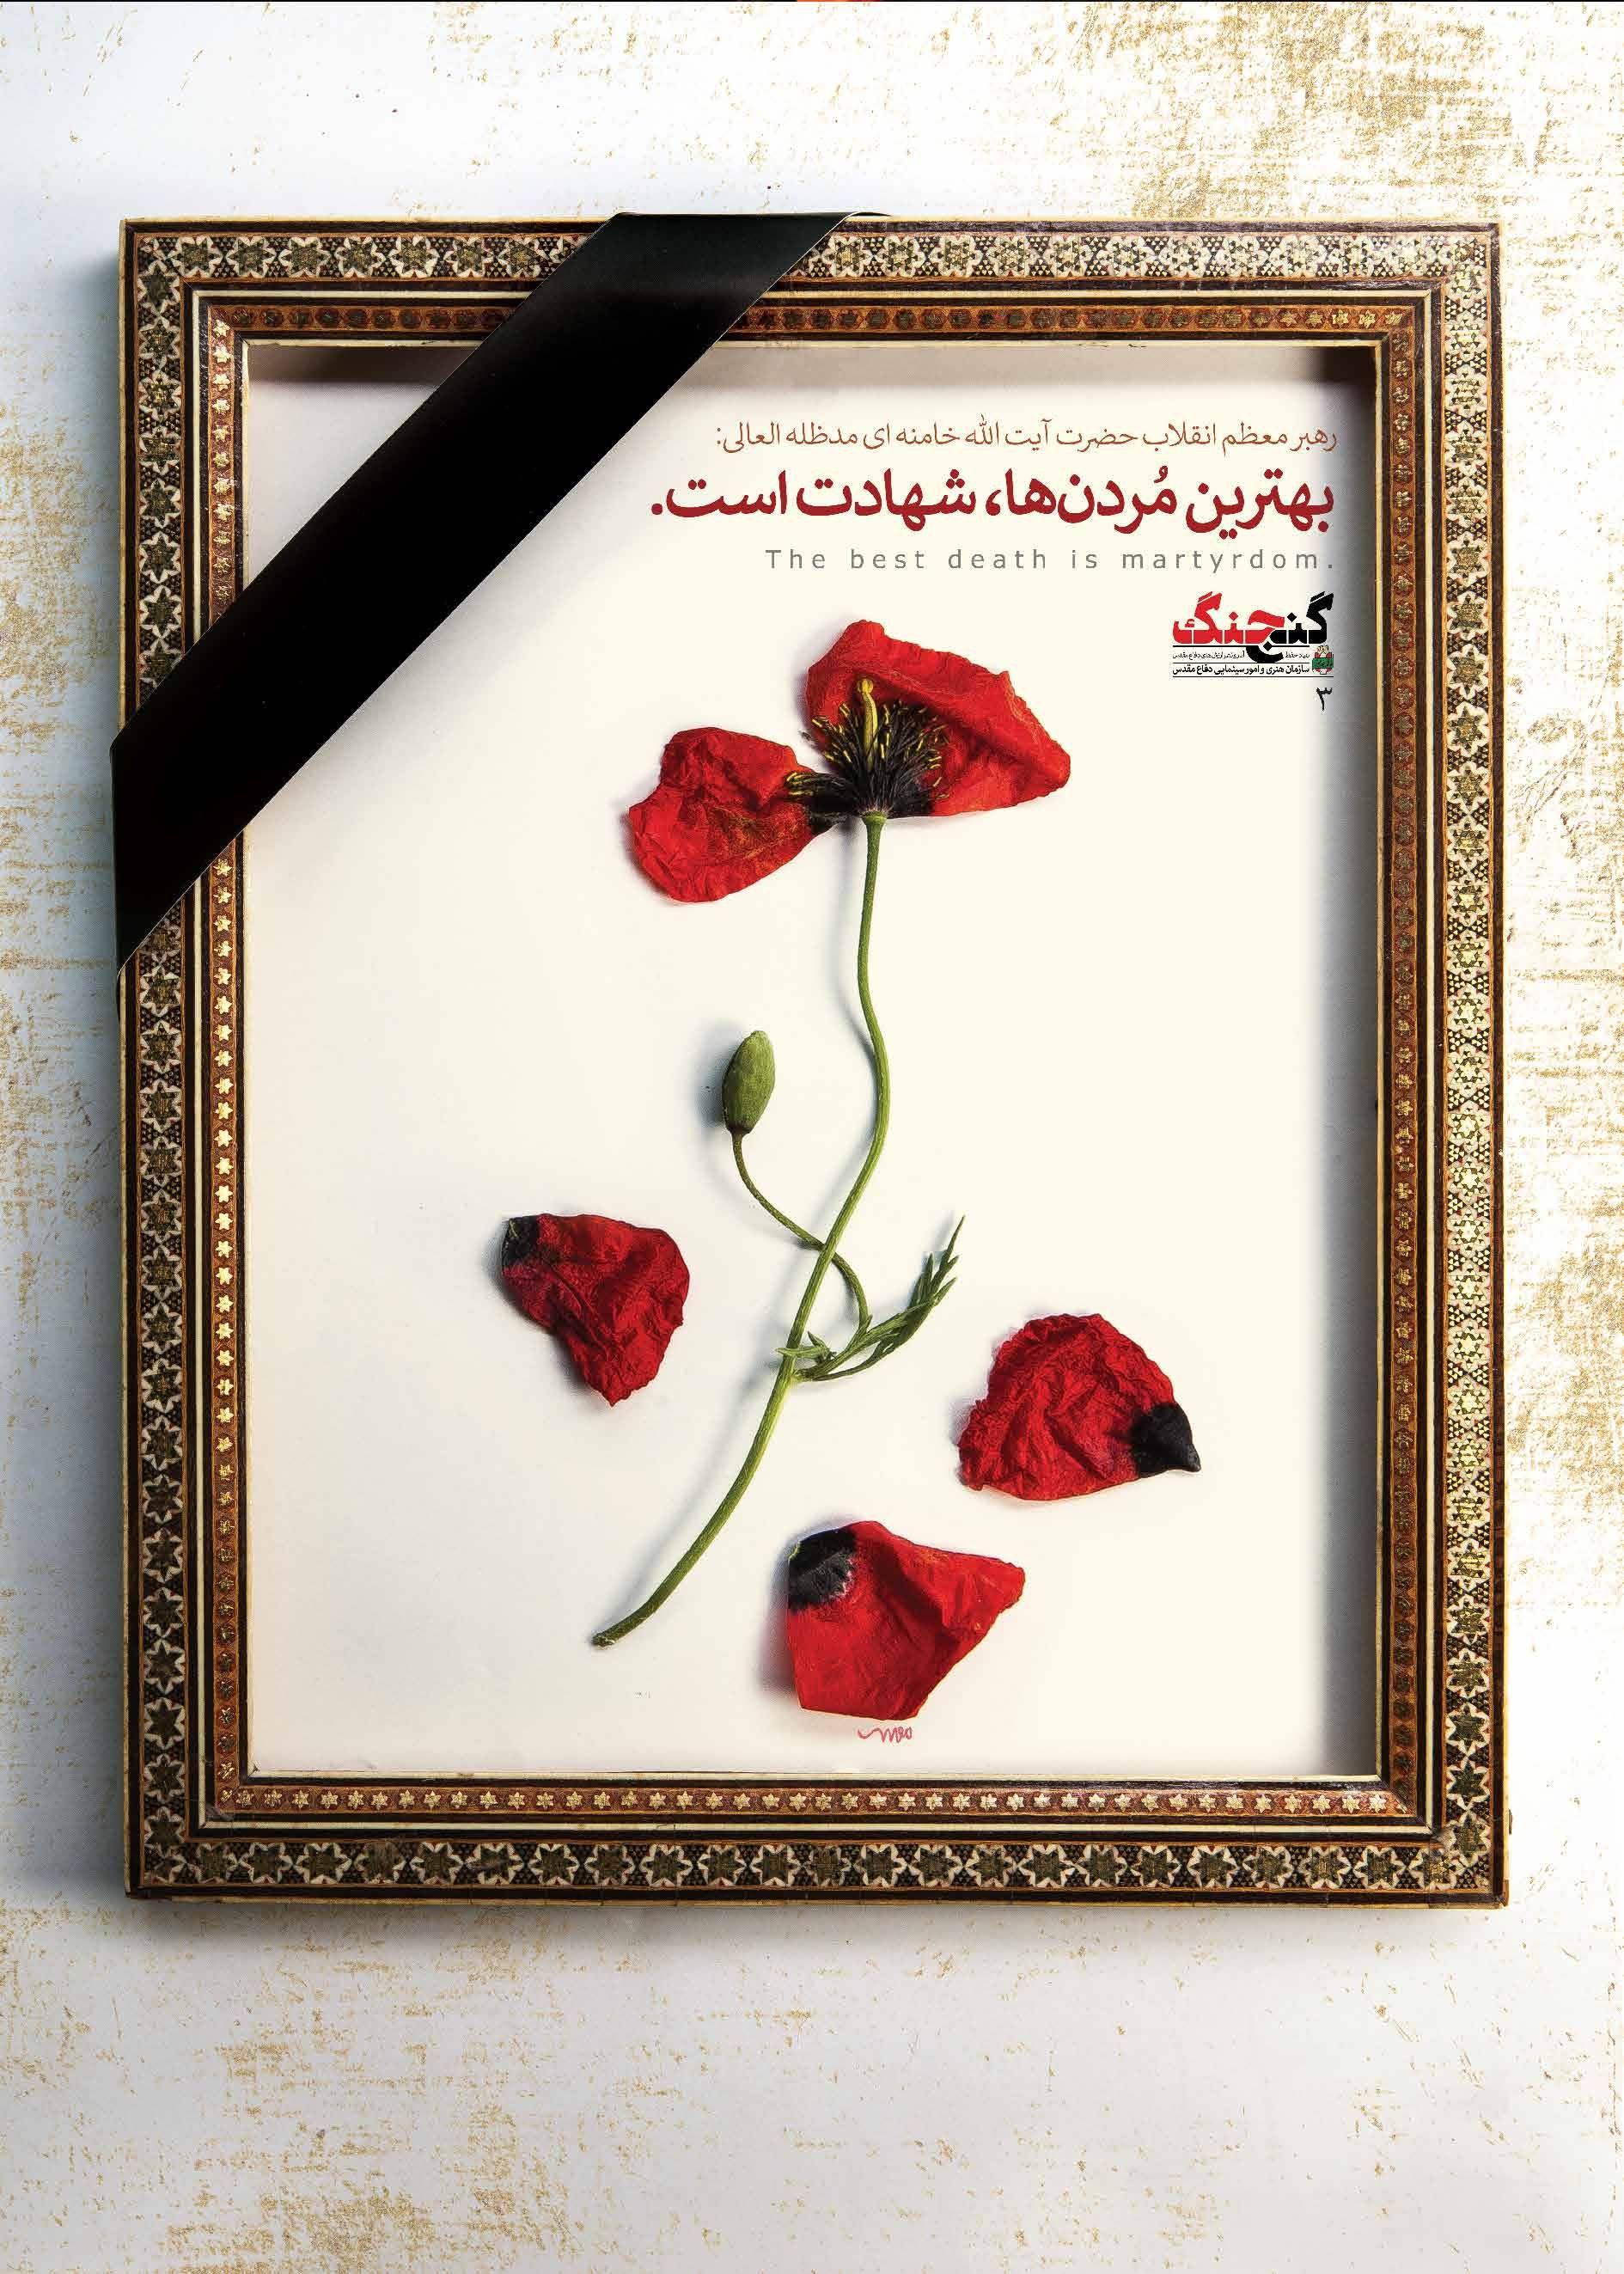 مجموعه پوستر گنج جنگ Islamic Artwork Islamic Paintings Islamic Calligraphy